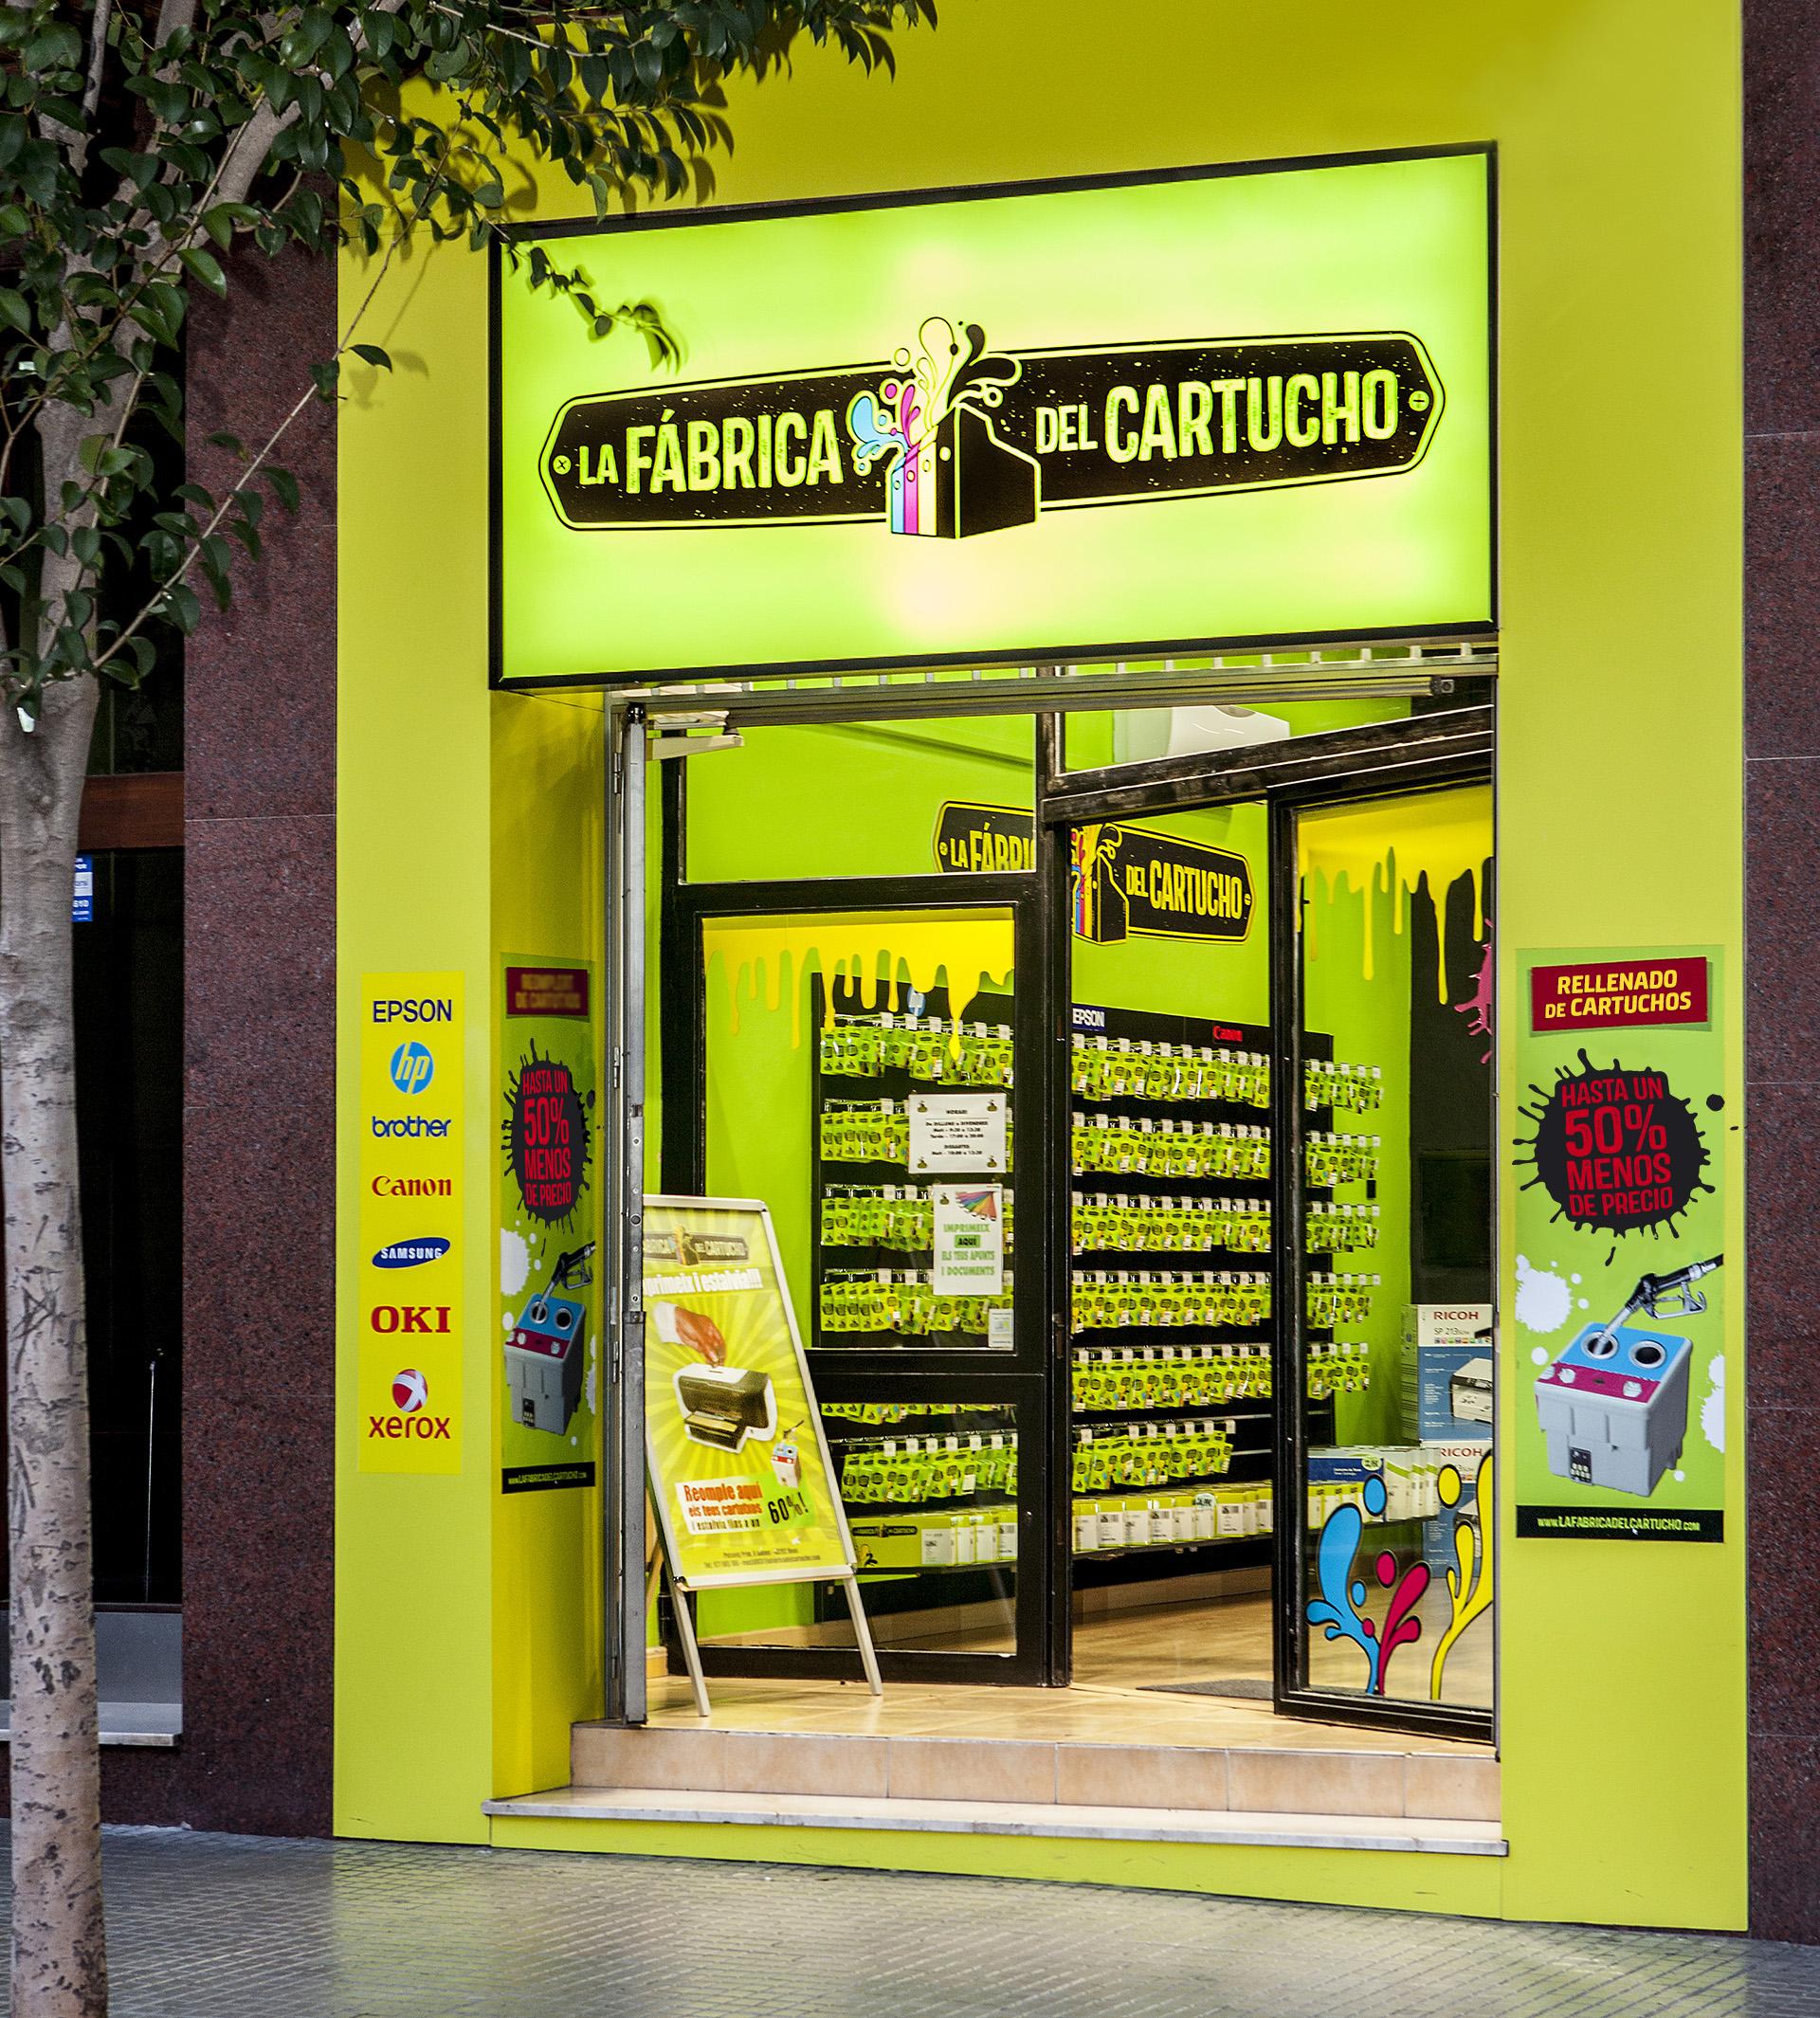 ABRE TU PROPIA TIENDA DE CARTUCHOS – La Fábrica Del Cartucho - photo#47